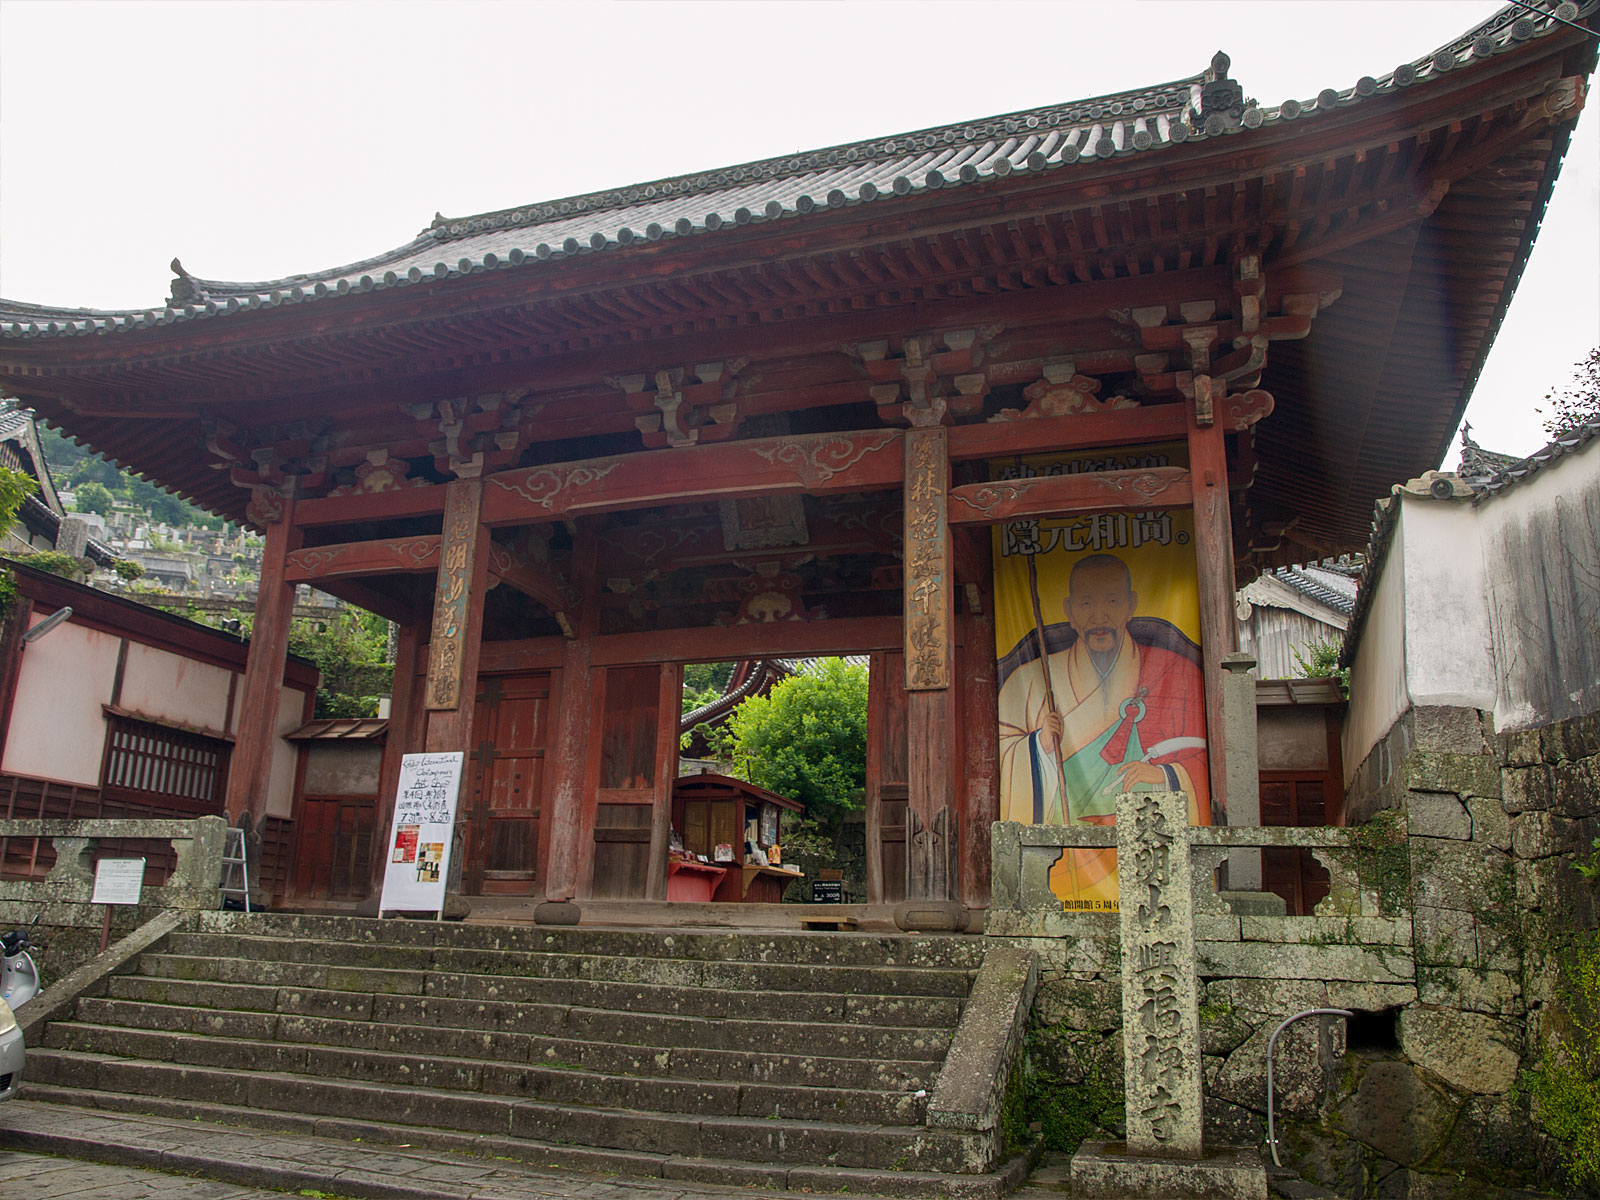 「第四回興福寺国際美術展」興福寺 2015年(長崎県 長崎市)